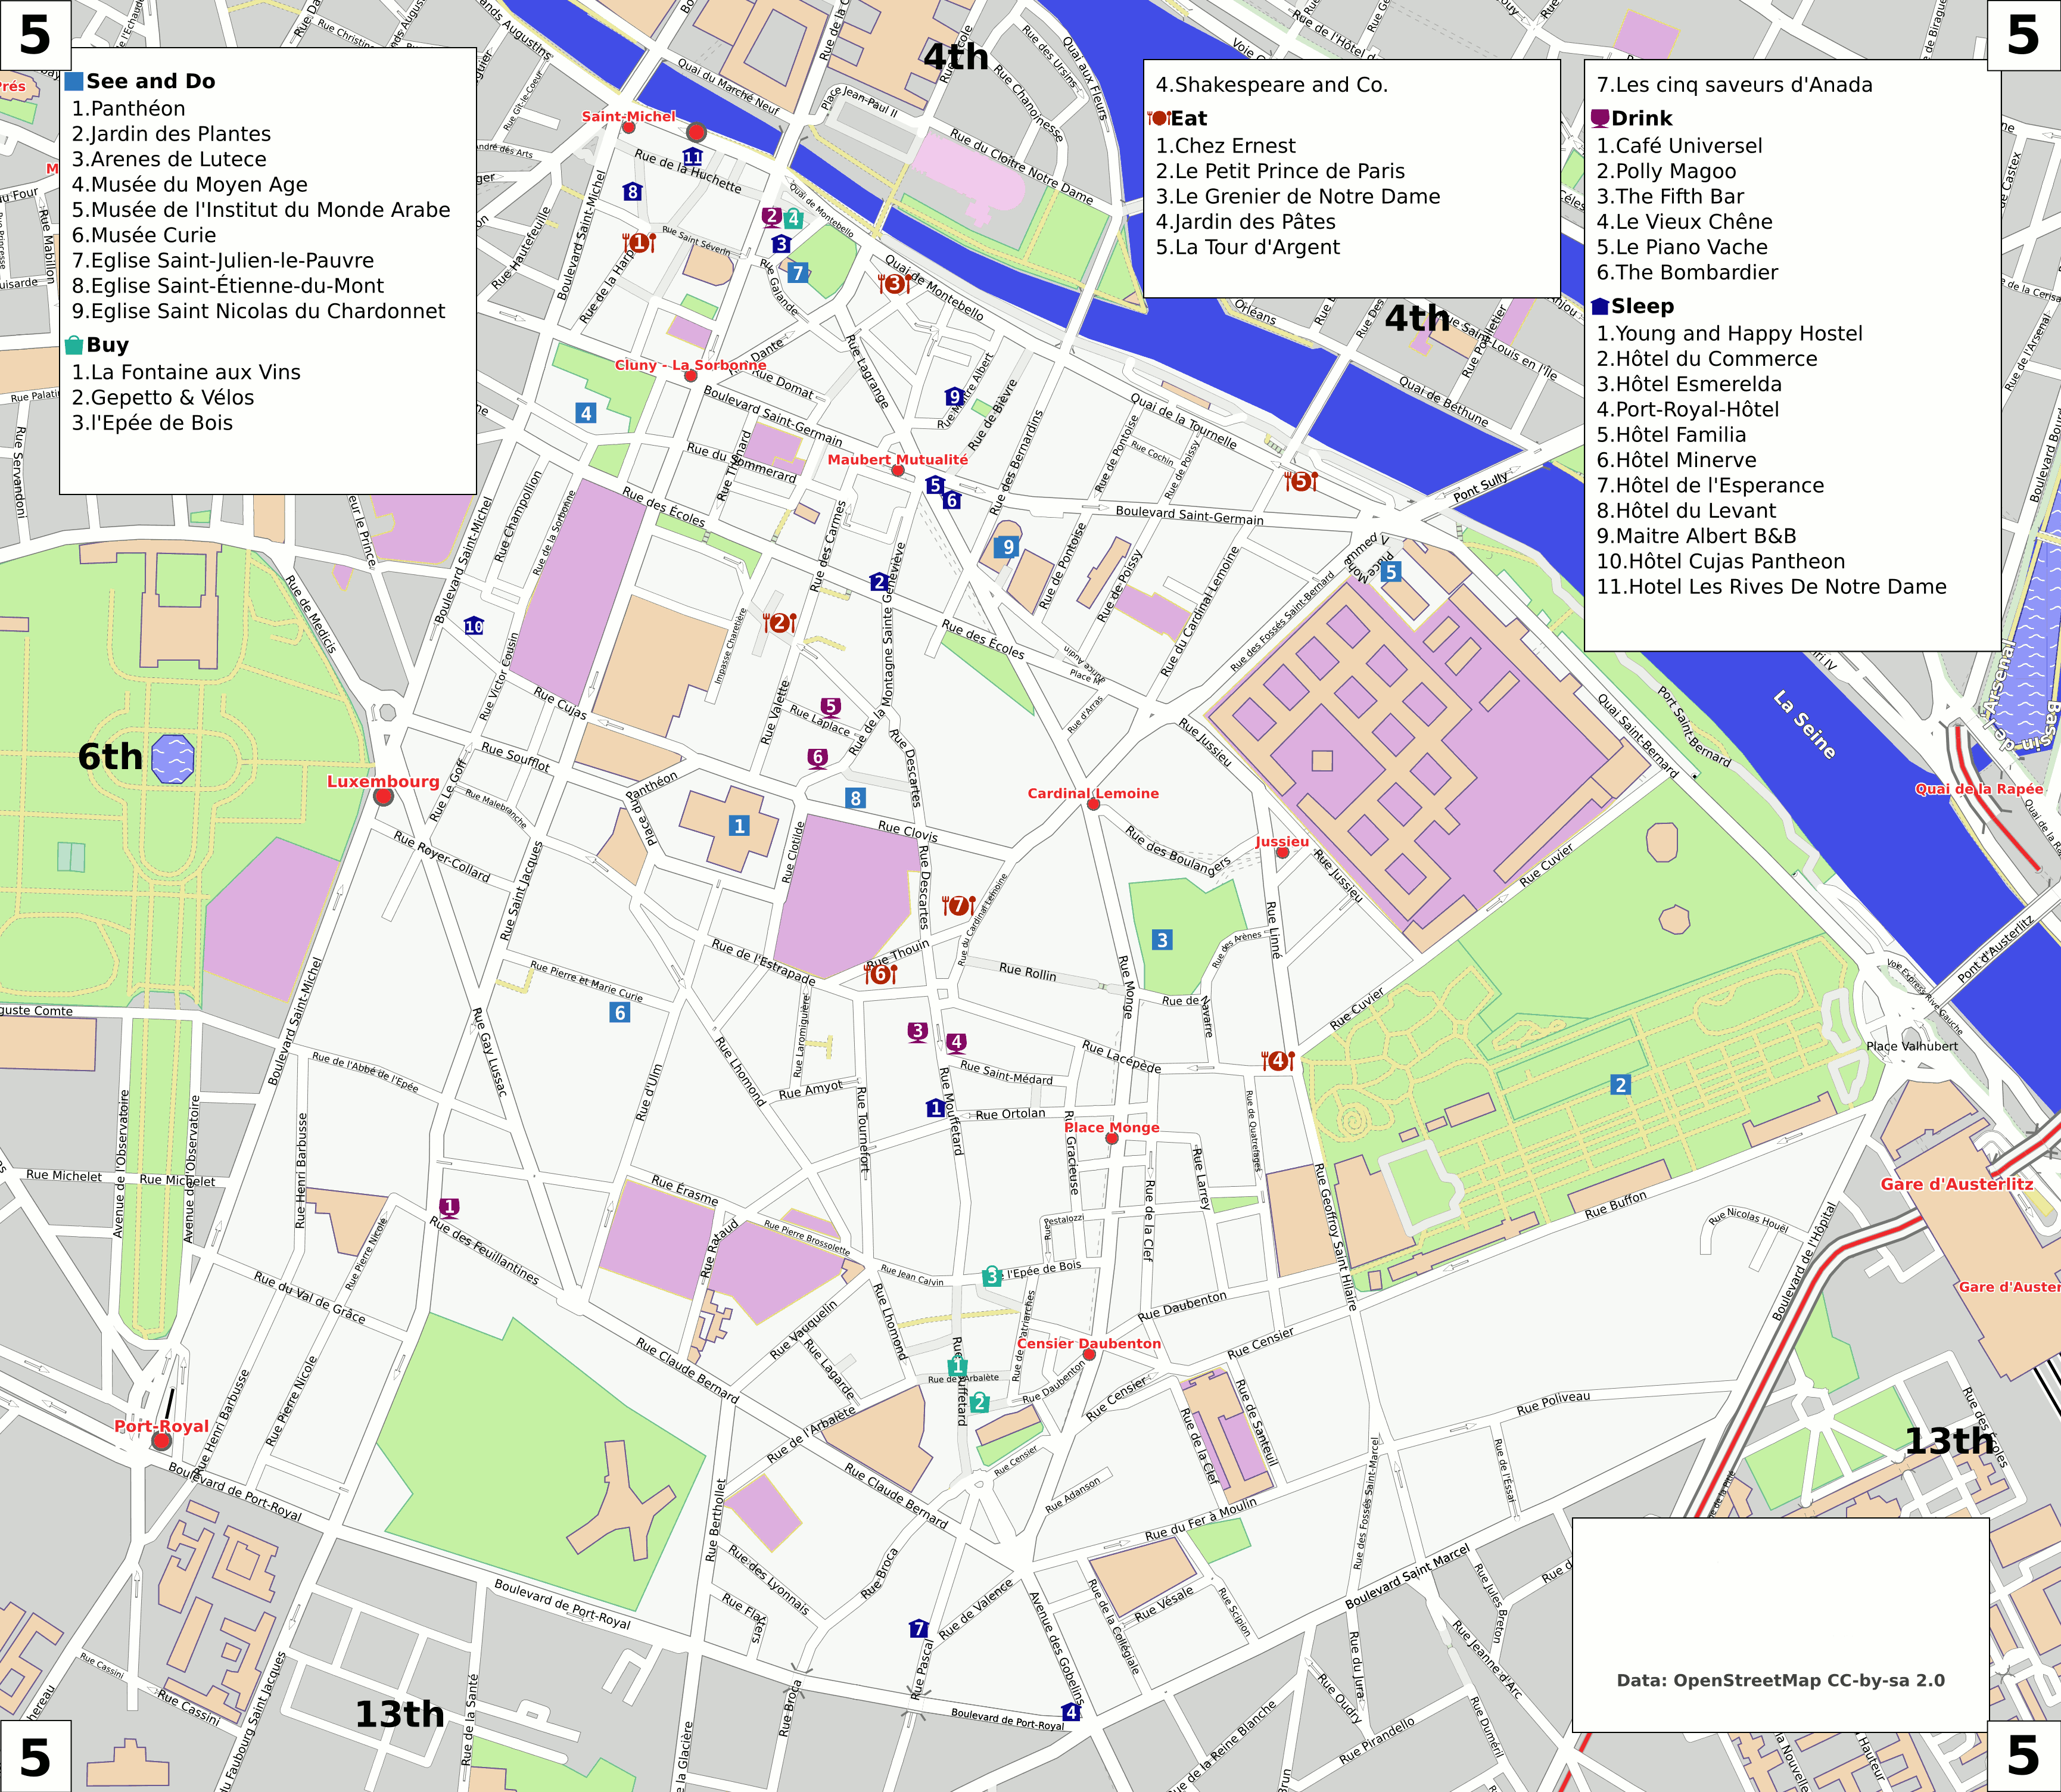 Map Of Paris France 6th Arrondissement.Paris 5th Arrondissement Travel Guide At Wikivoyage